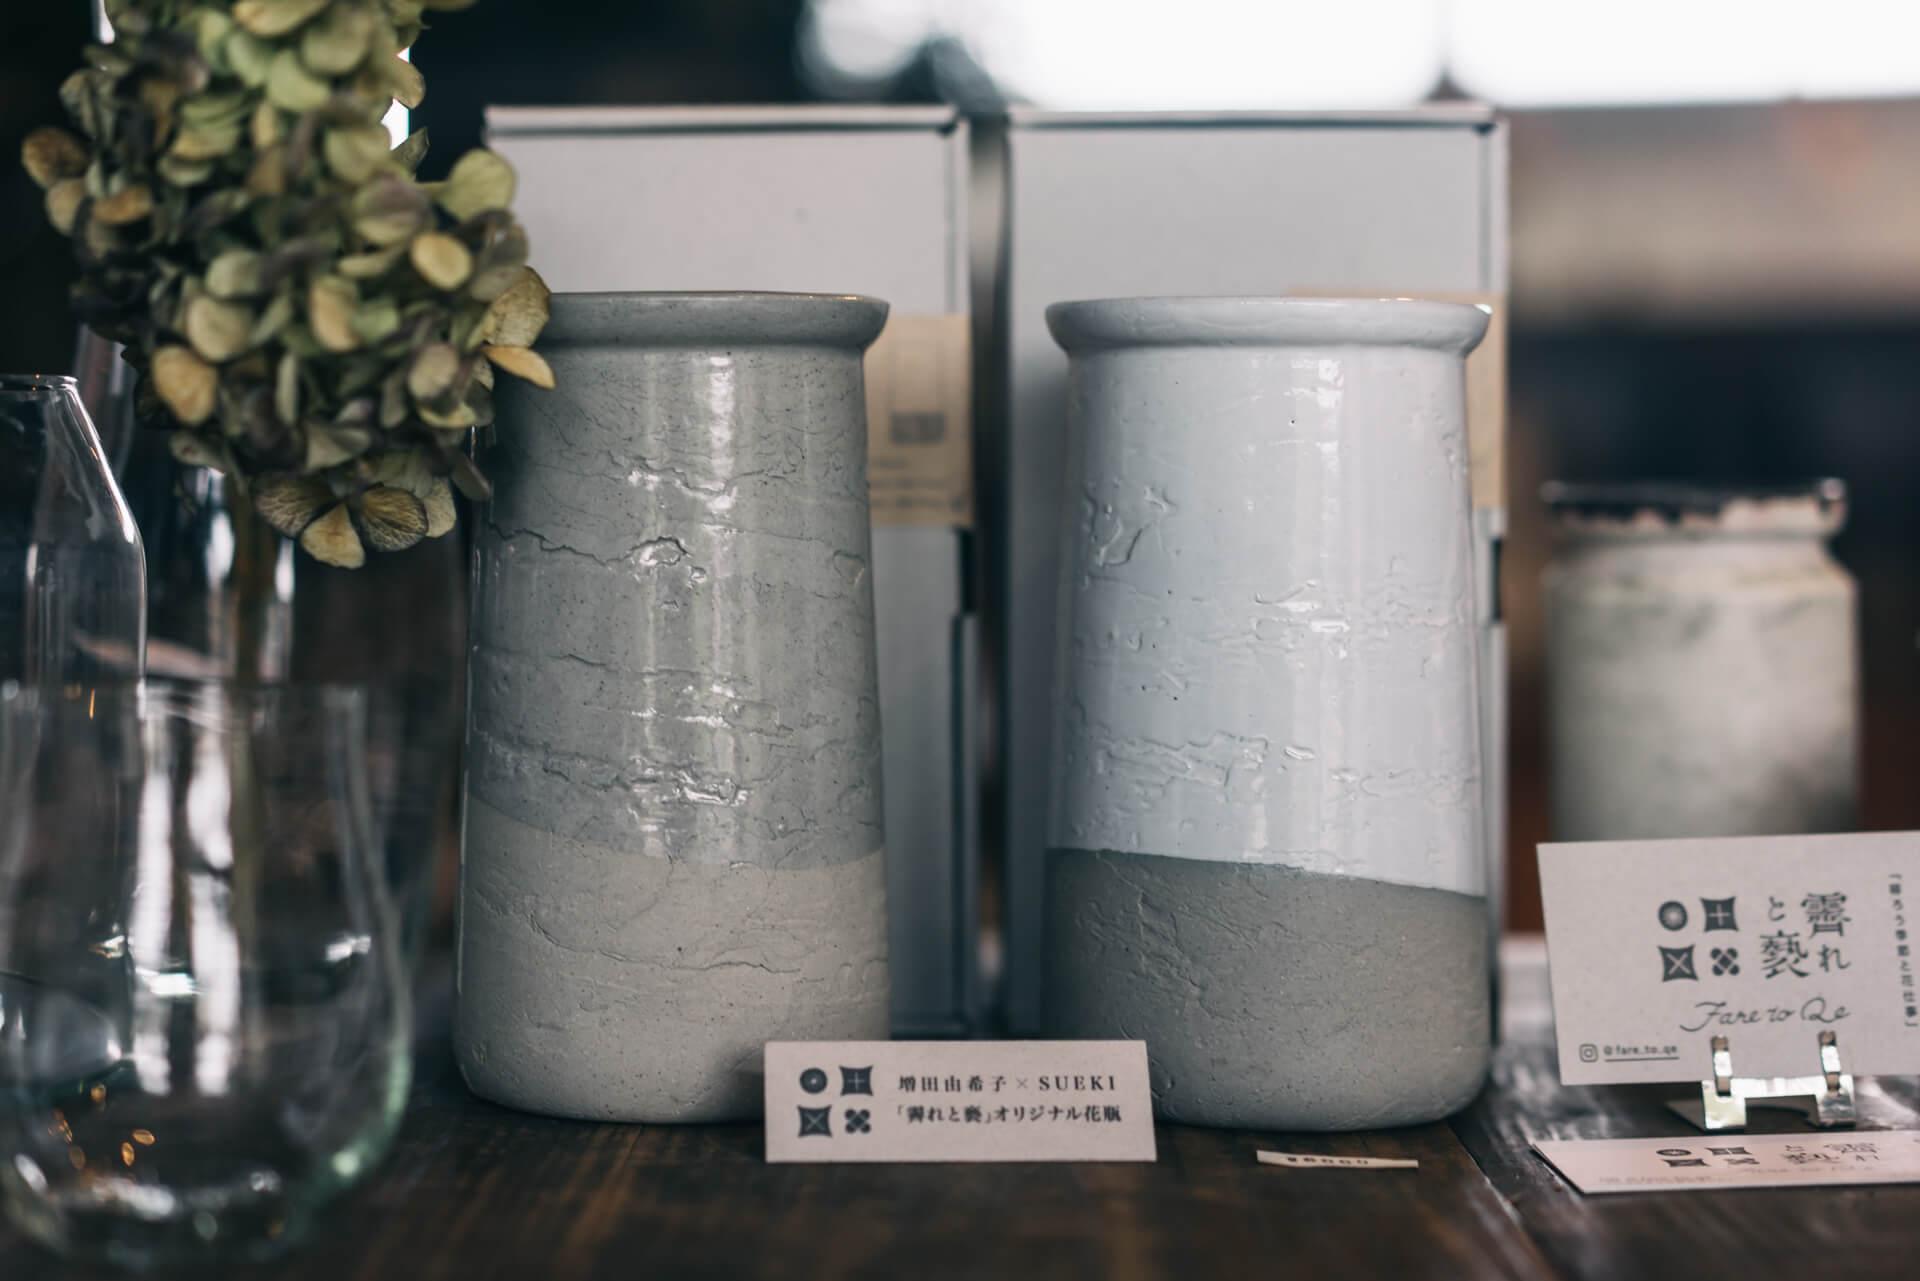 使われている花瓶は、フラワースタイリストの増田由希子さんとSUEKIのコラボレーションで作った「霽れと褻」オリジナル。この花瓶さえあれば、届くお花をお手本と同じように綺麗に活けることができて、初心者にもうれしい。